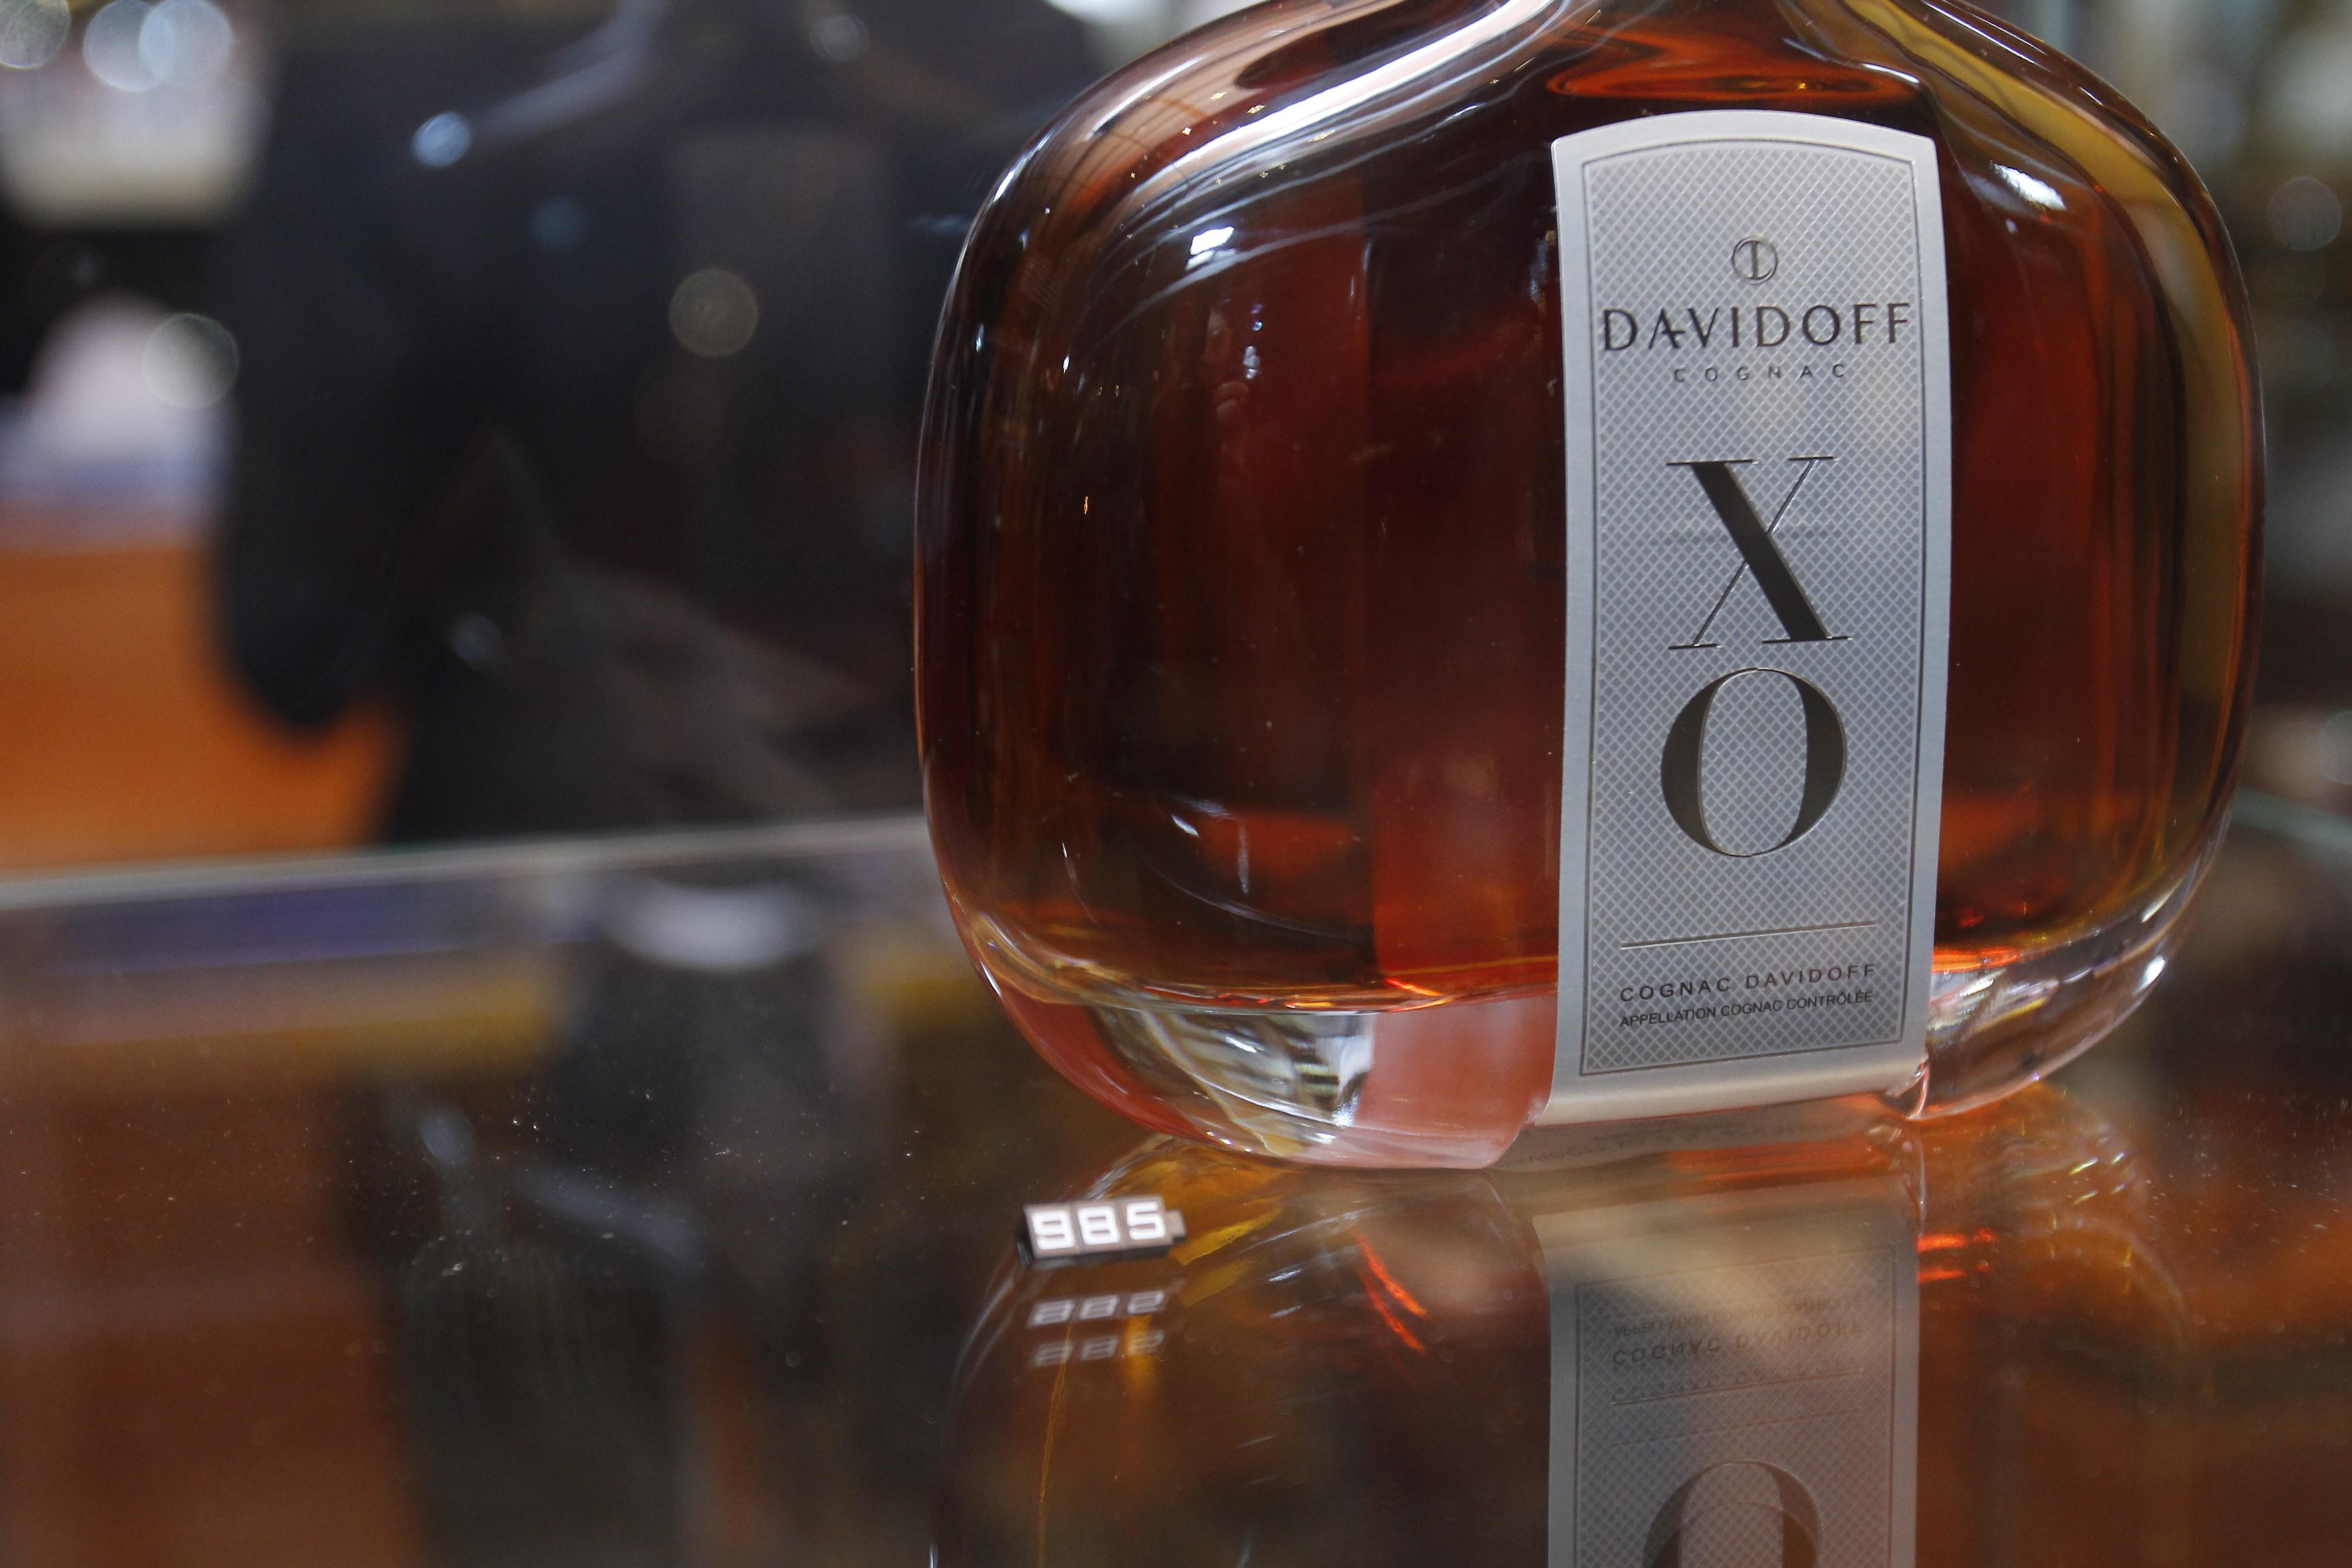 magazinul dispune si de o gama larga de bauturi alcoolice potrivite pentru impatimitii de tigari de foi